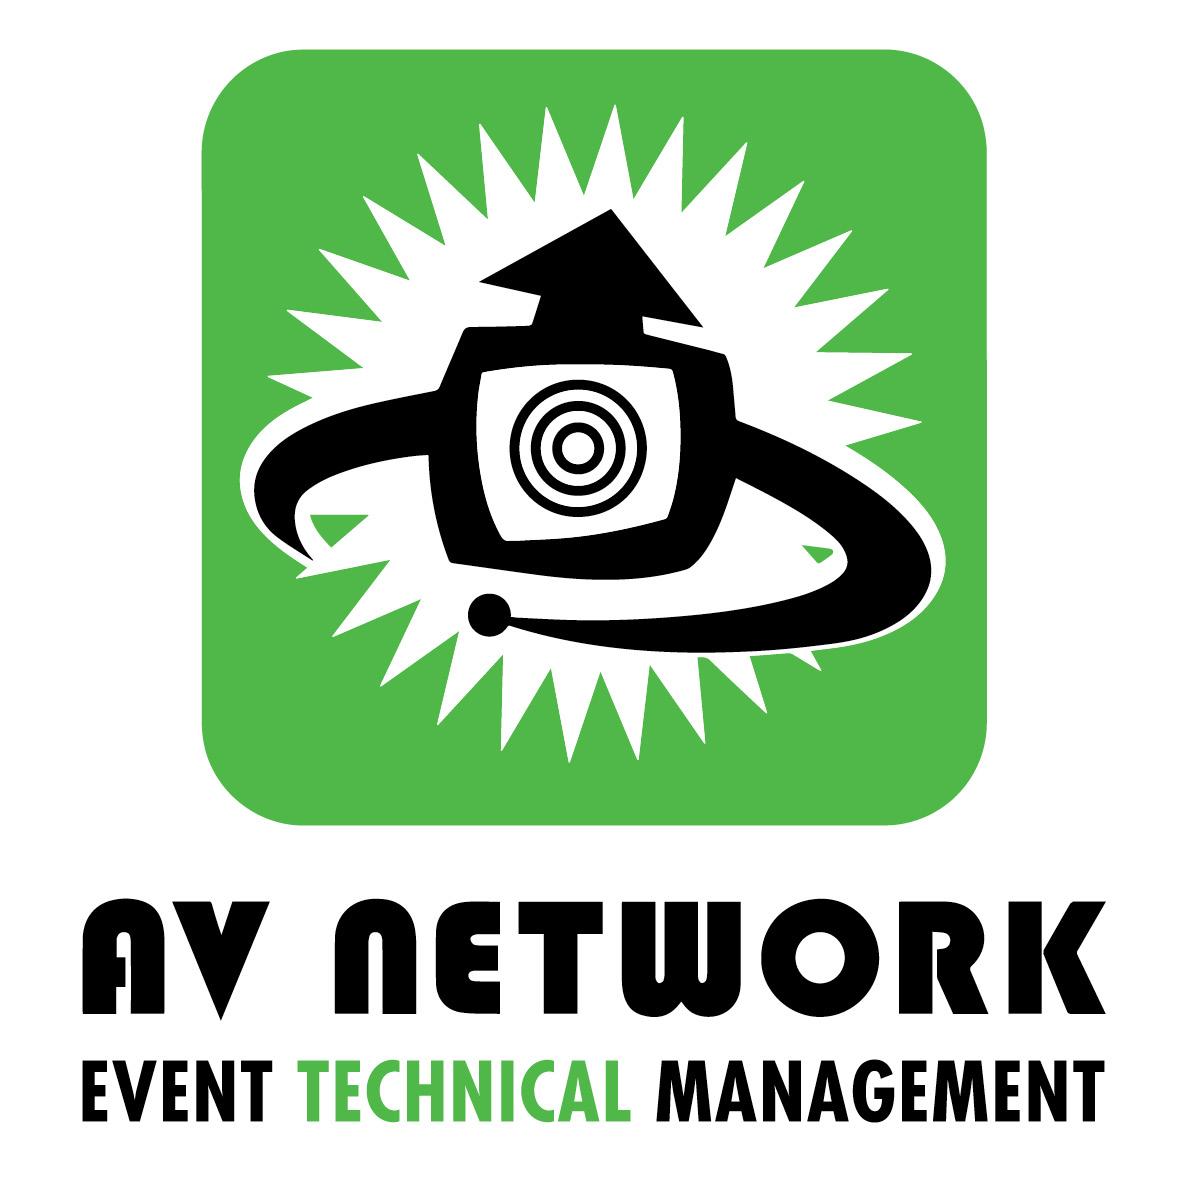 AV Network (Pty) Ltd